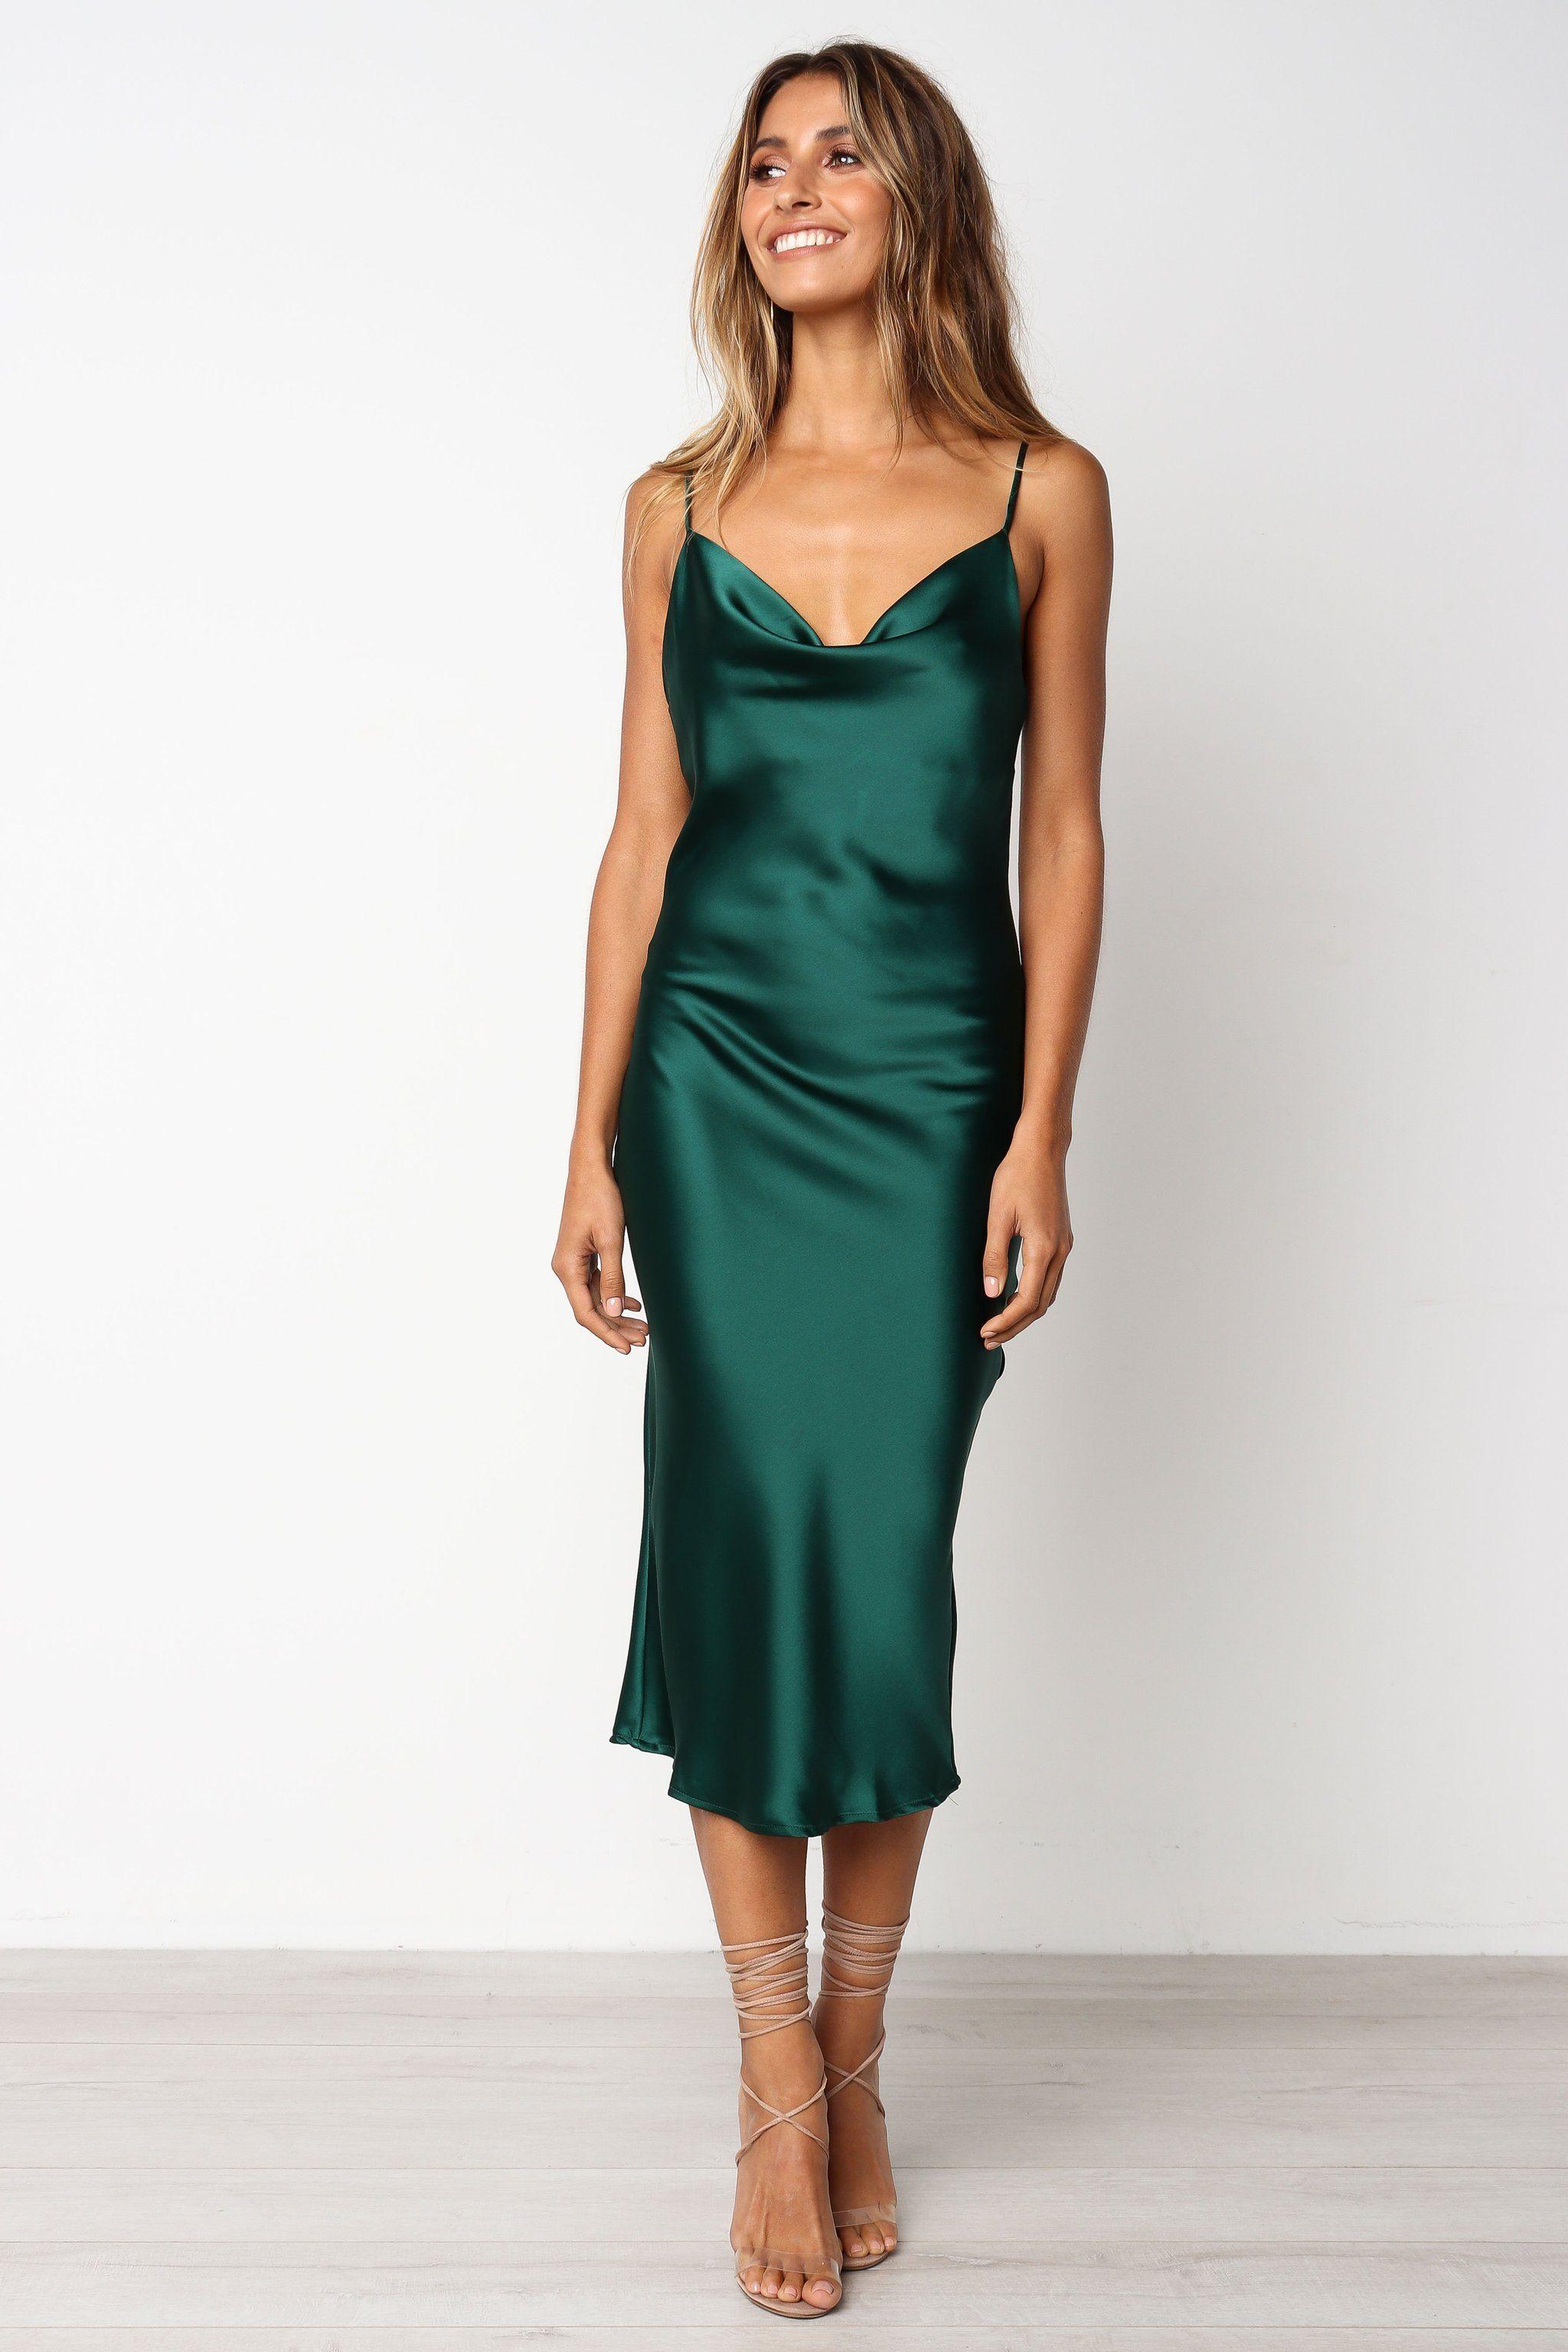 e24bd3dc792a Persia Dress - Green. Persia Dress - Green Brudepiger